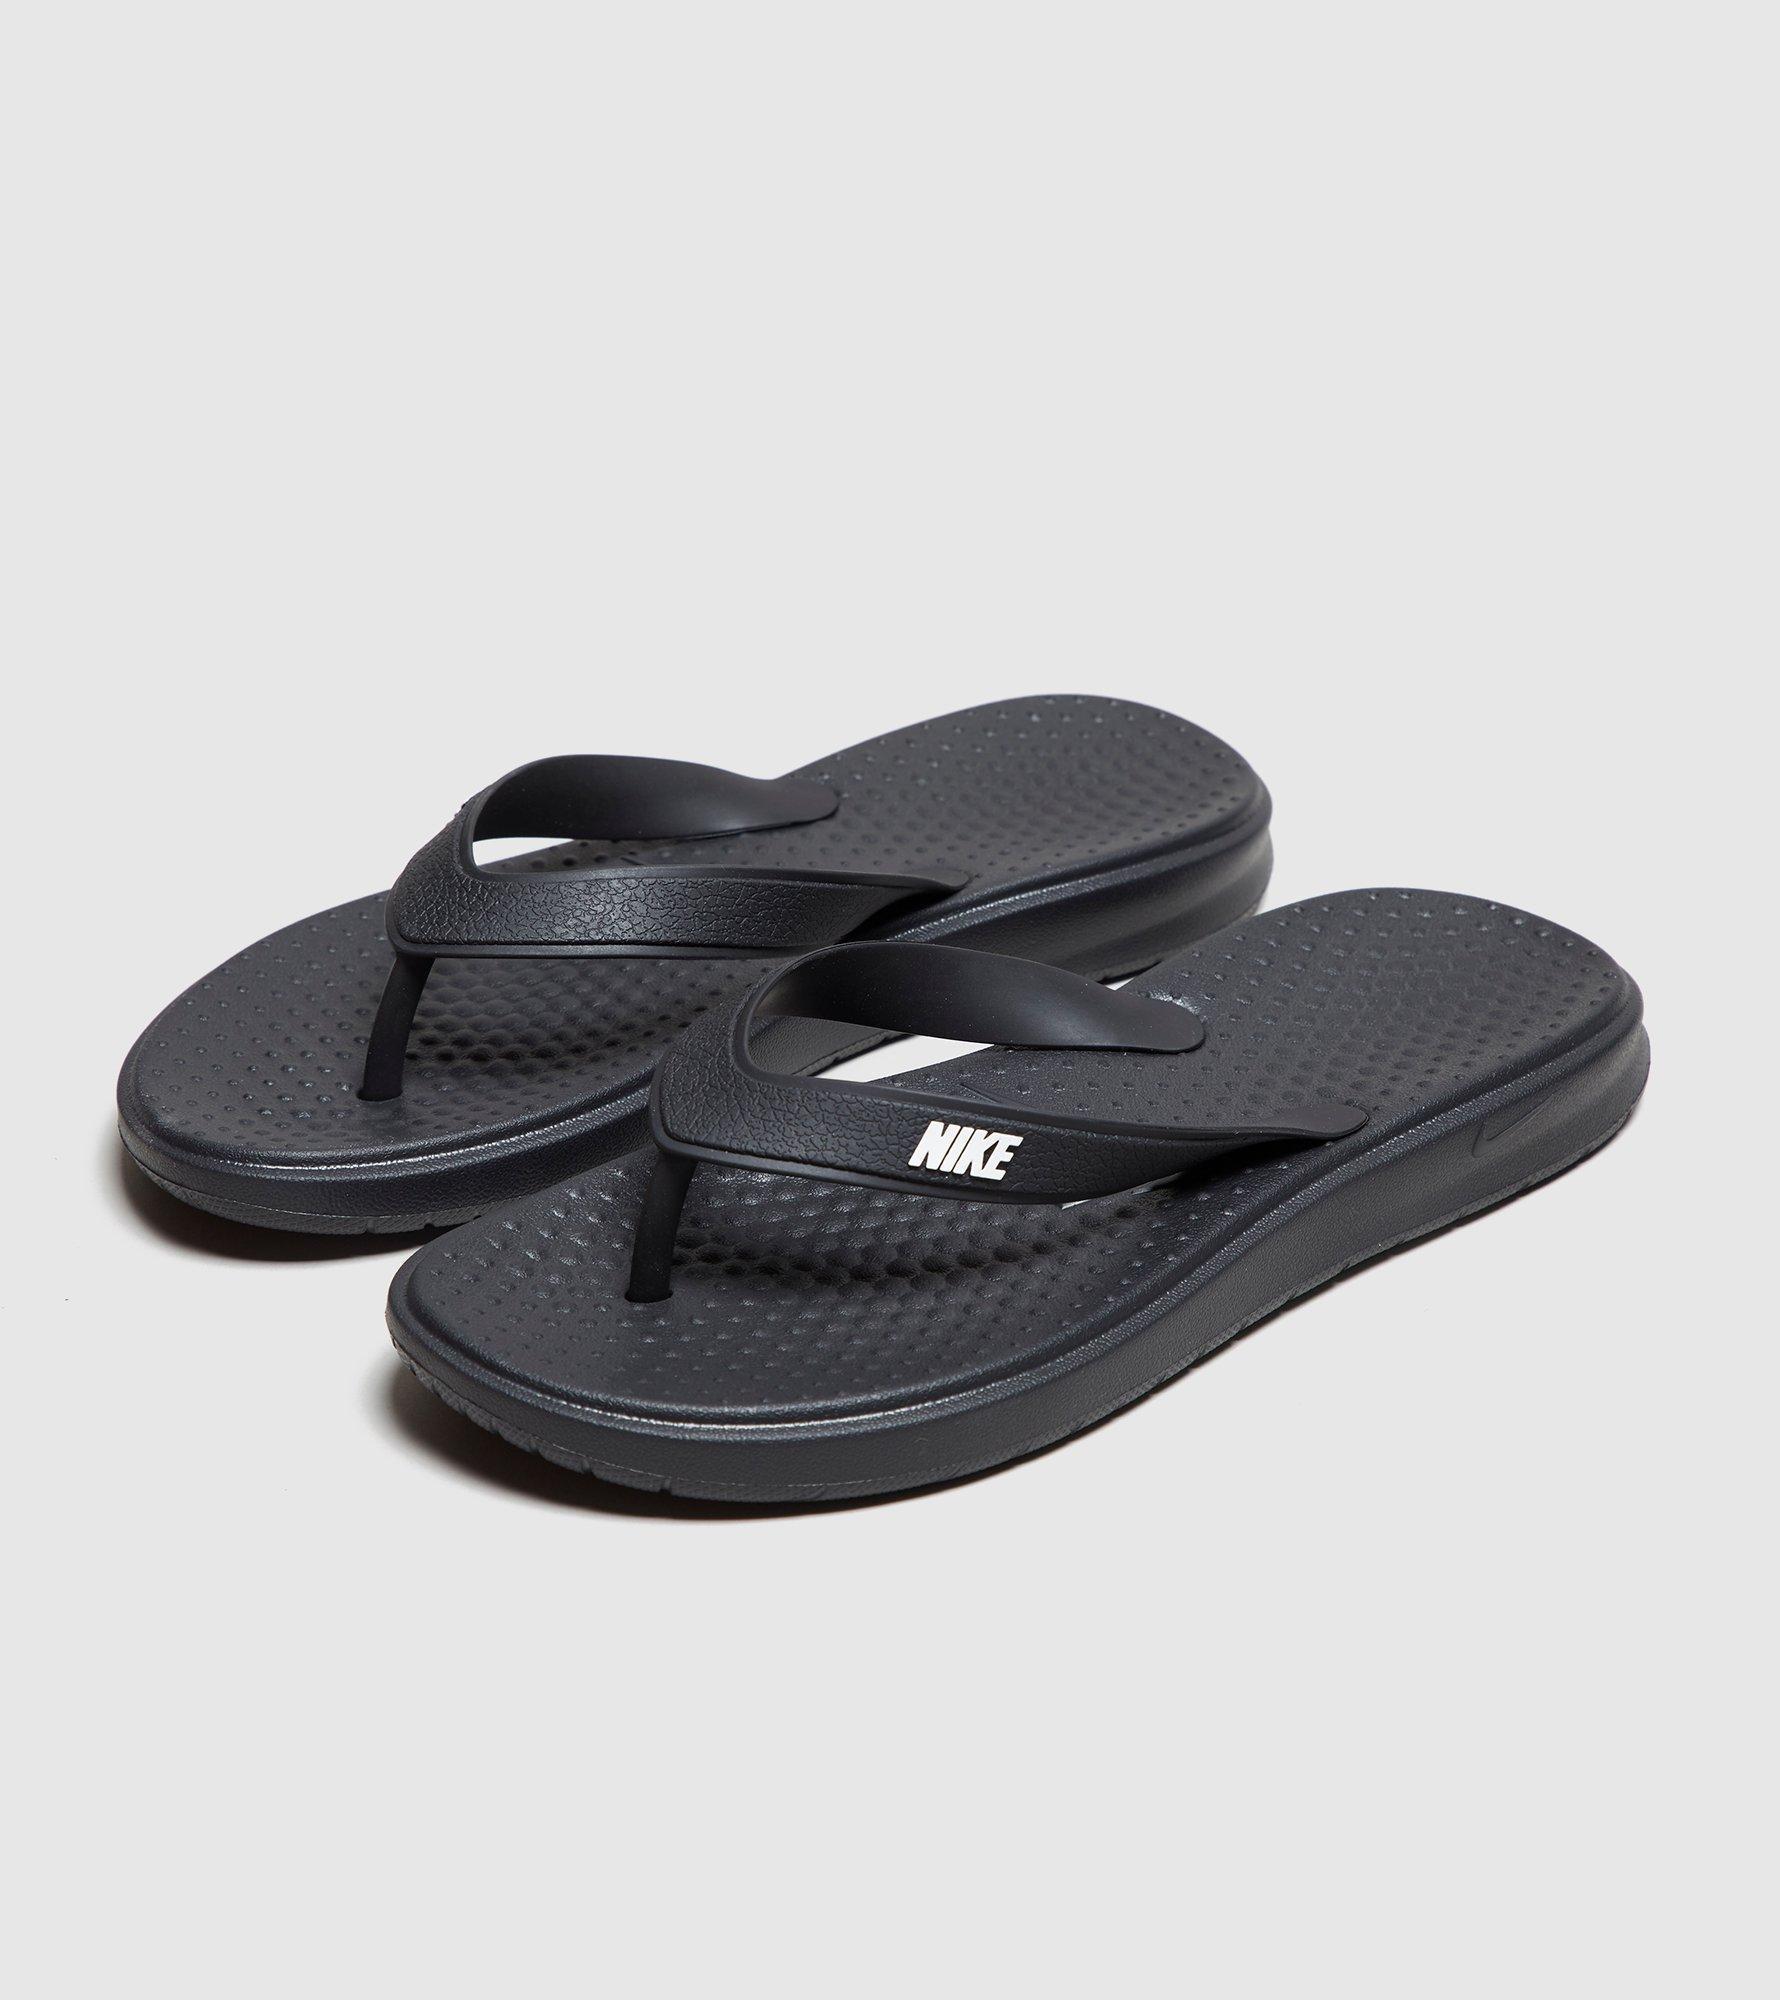 Ladies Nike Flip Flops